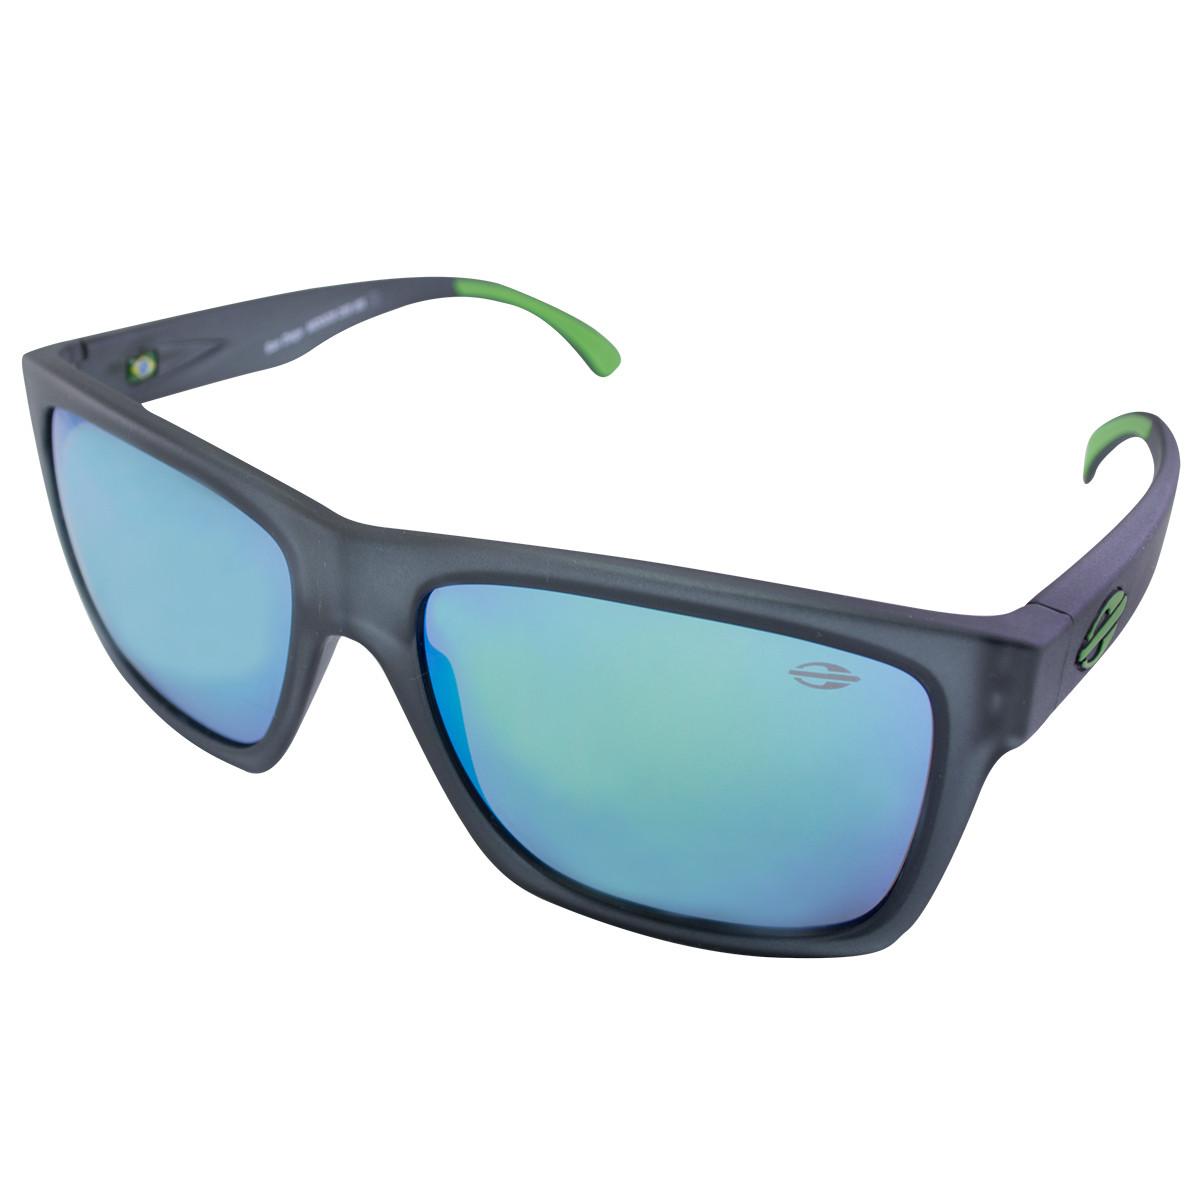 Óculos Mormaii San Diego Chumbo Fosco  Lente Verde Espelhada ref ... e993832f34